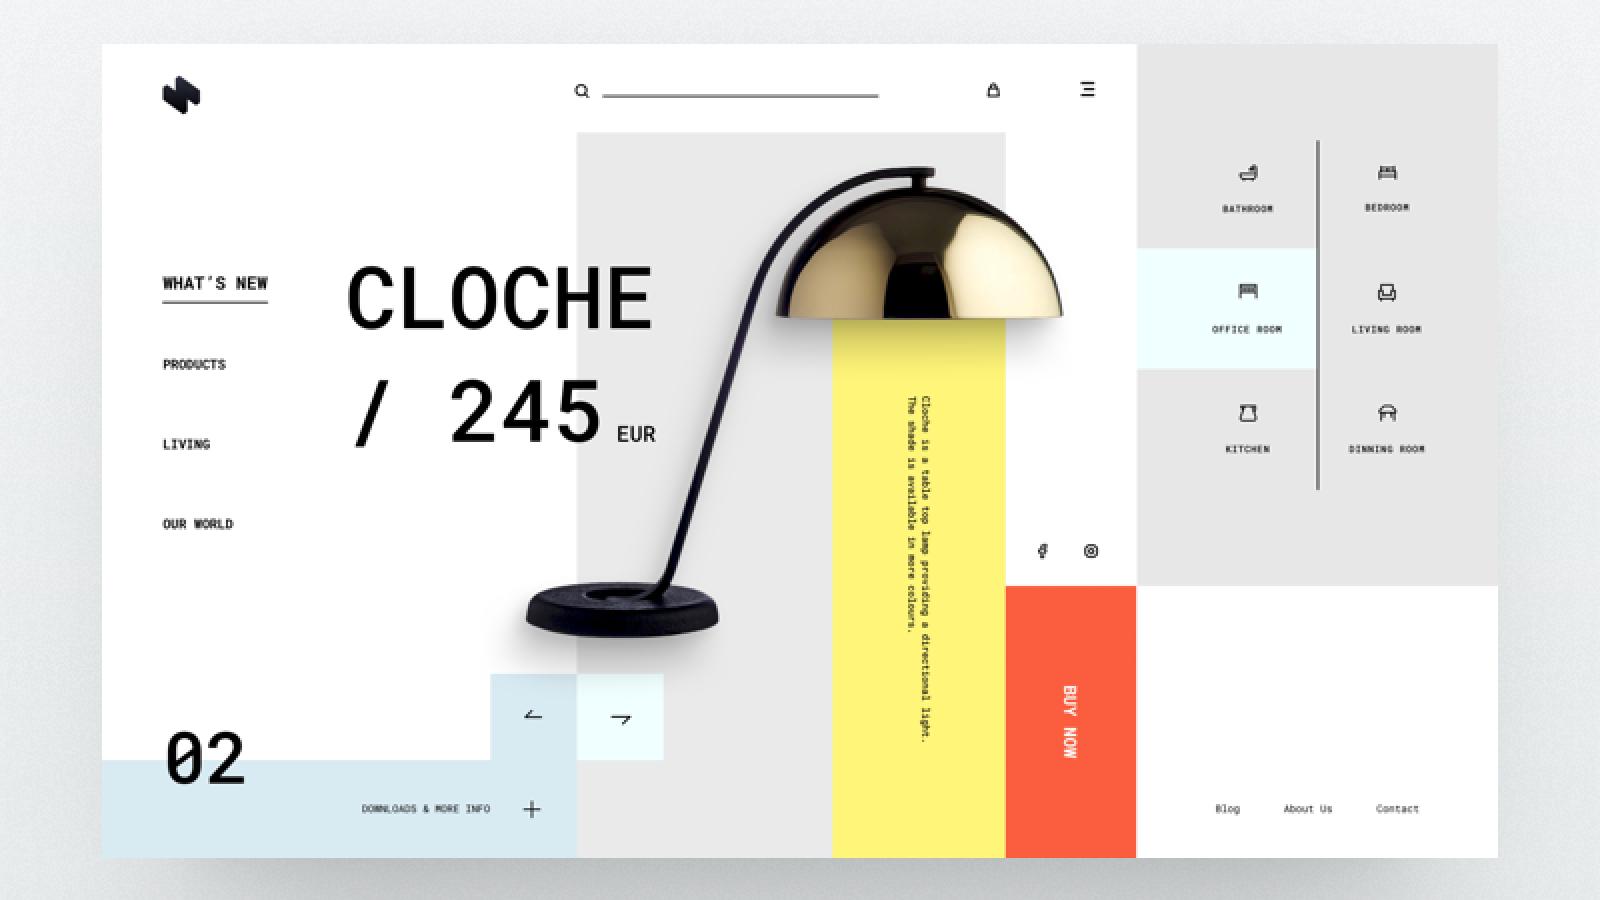 Web Design Inspiration By Hristo Hristov